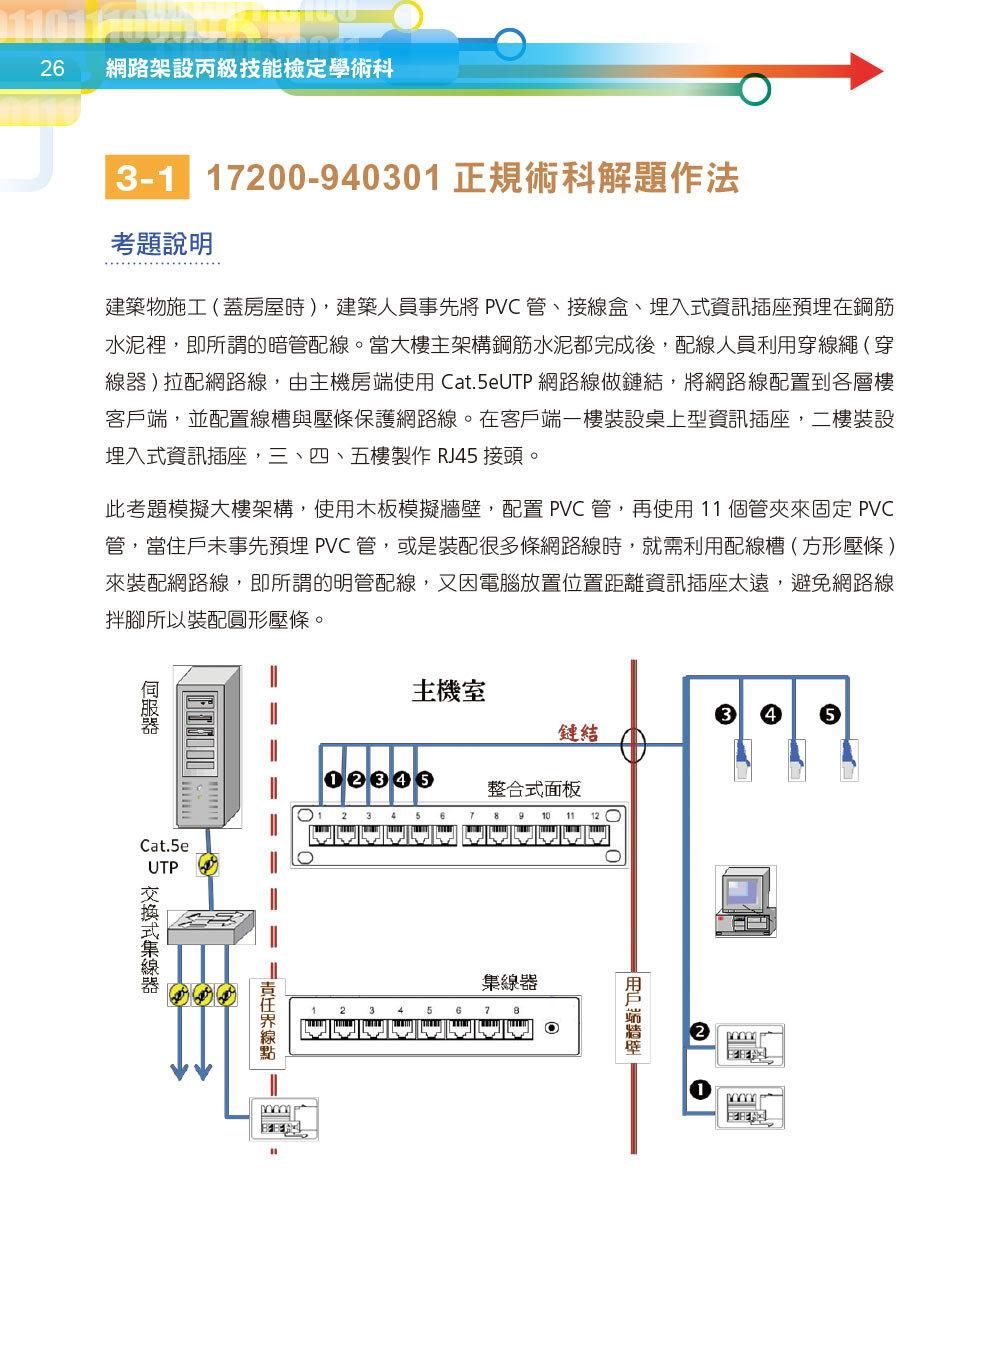 網路架設丙級技能檢定學術科 2021版-preview-5